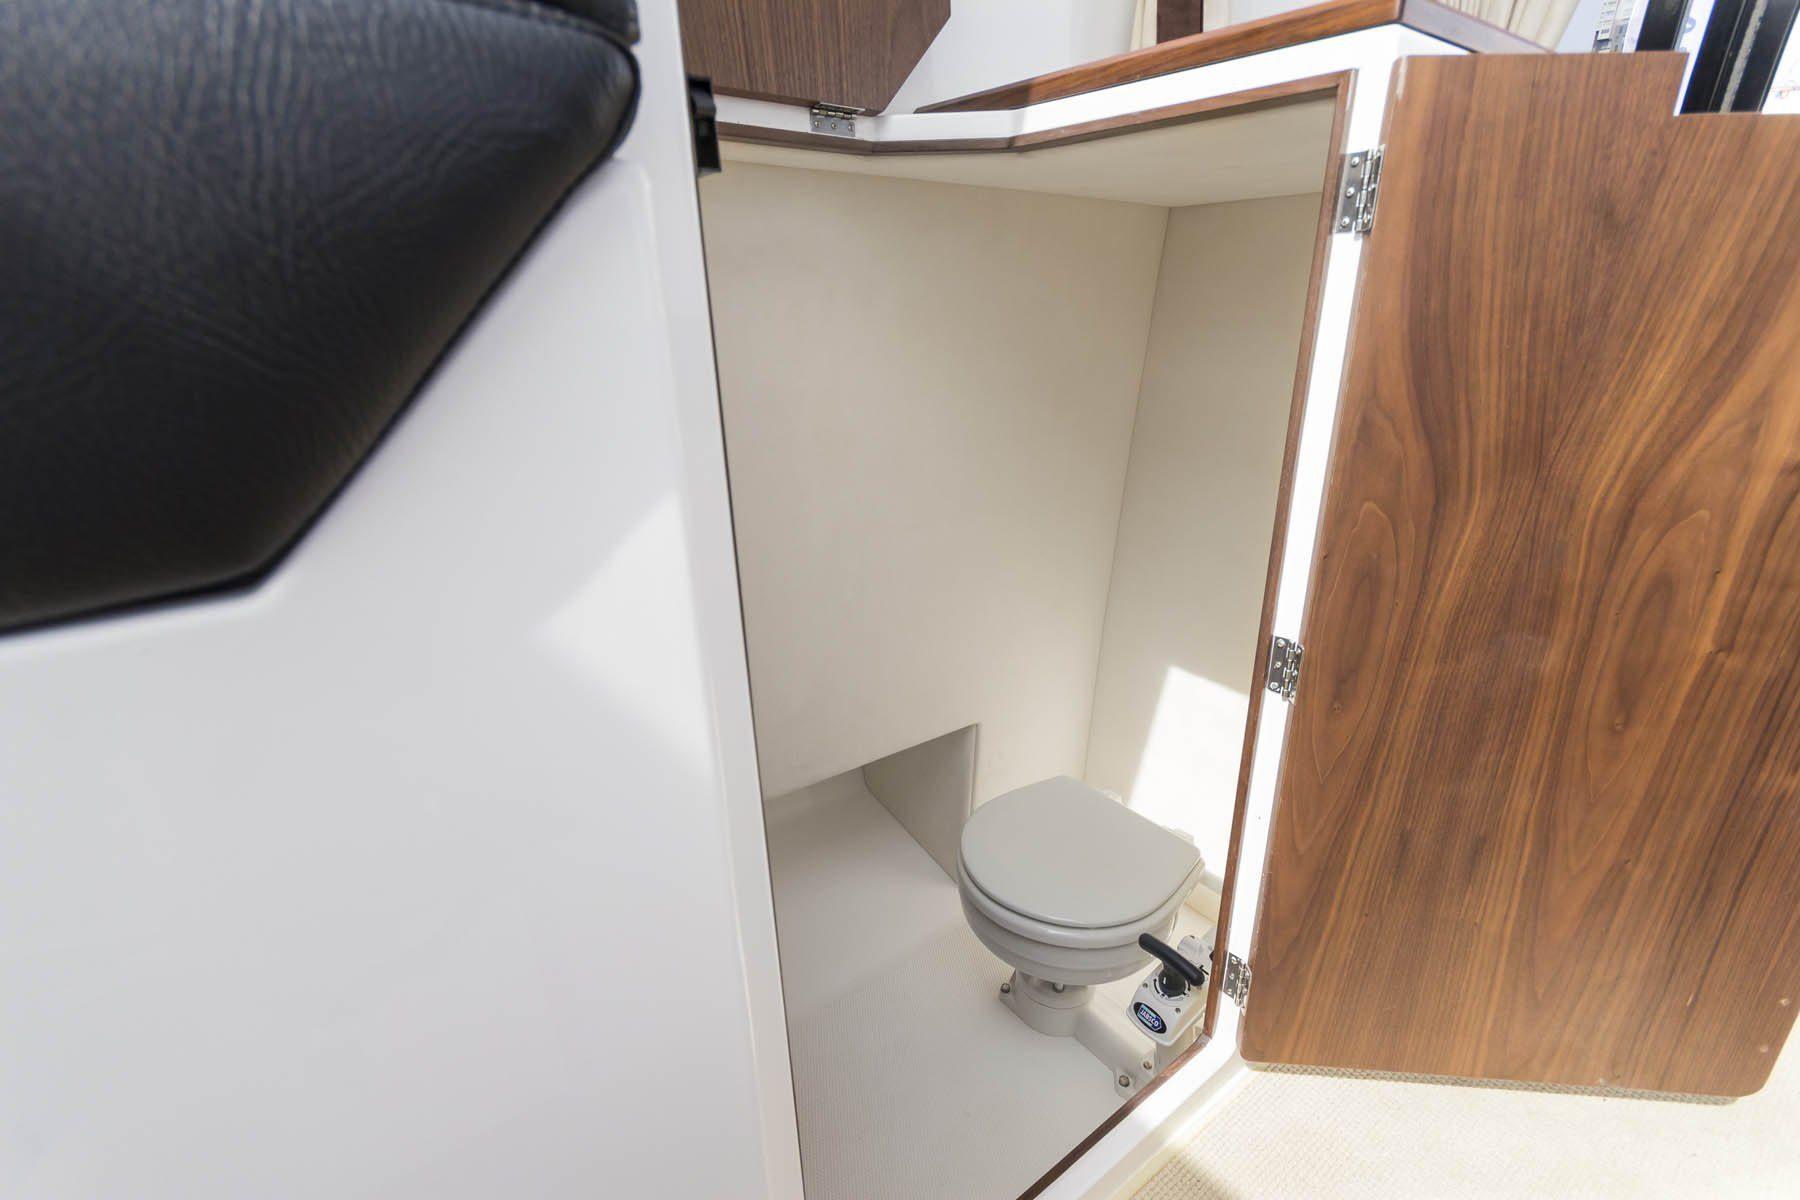 galia 750 hardtop toilet